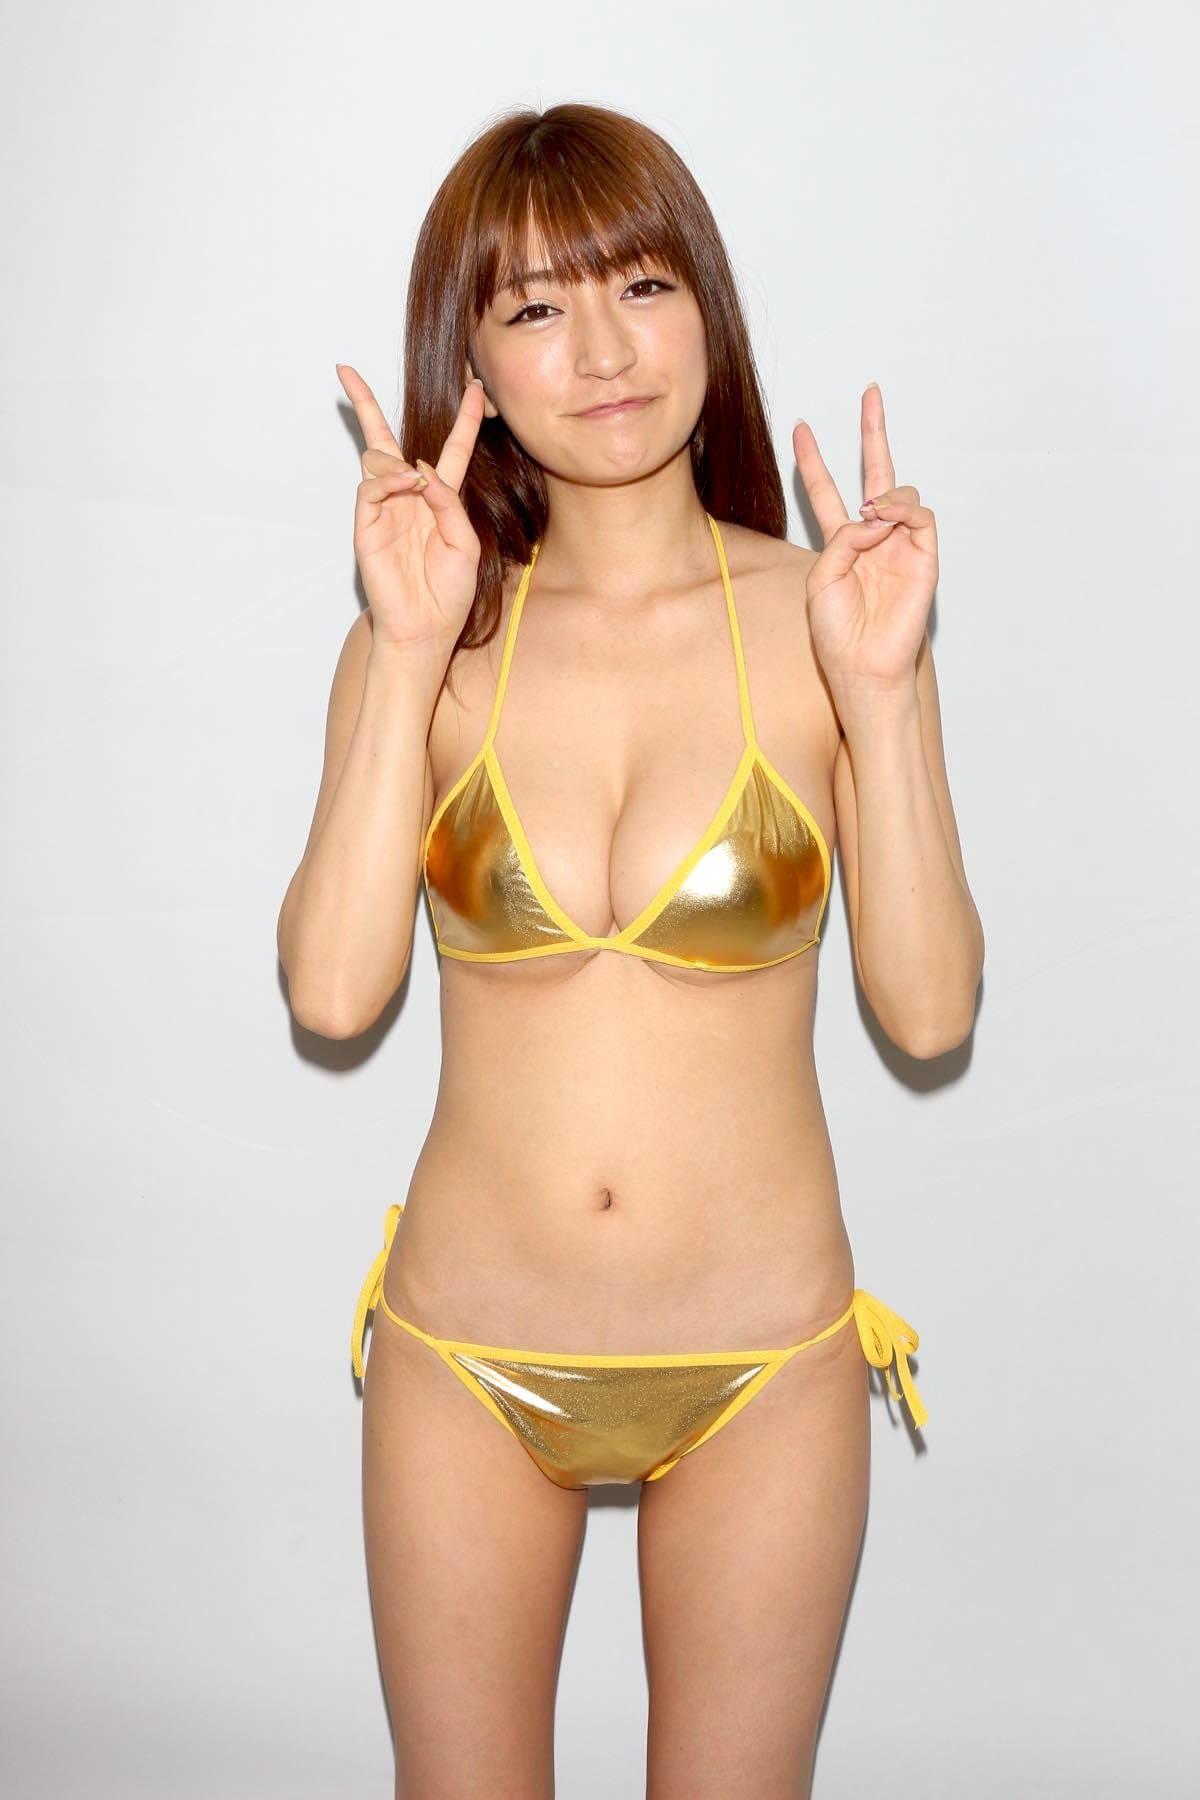 ☆HOSHINO「色気がダダ漏れ」衝撃的セクシーさで攻める!【写真25枚】の画像014